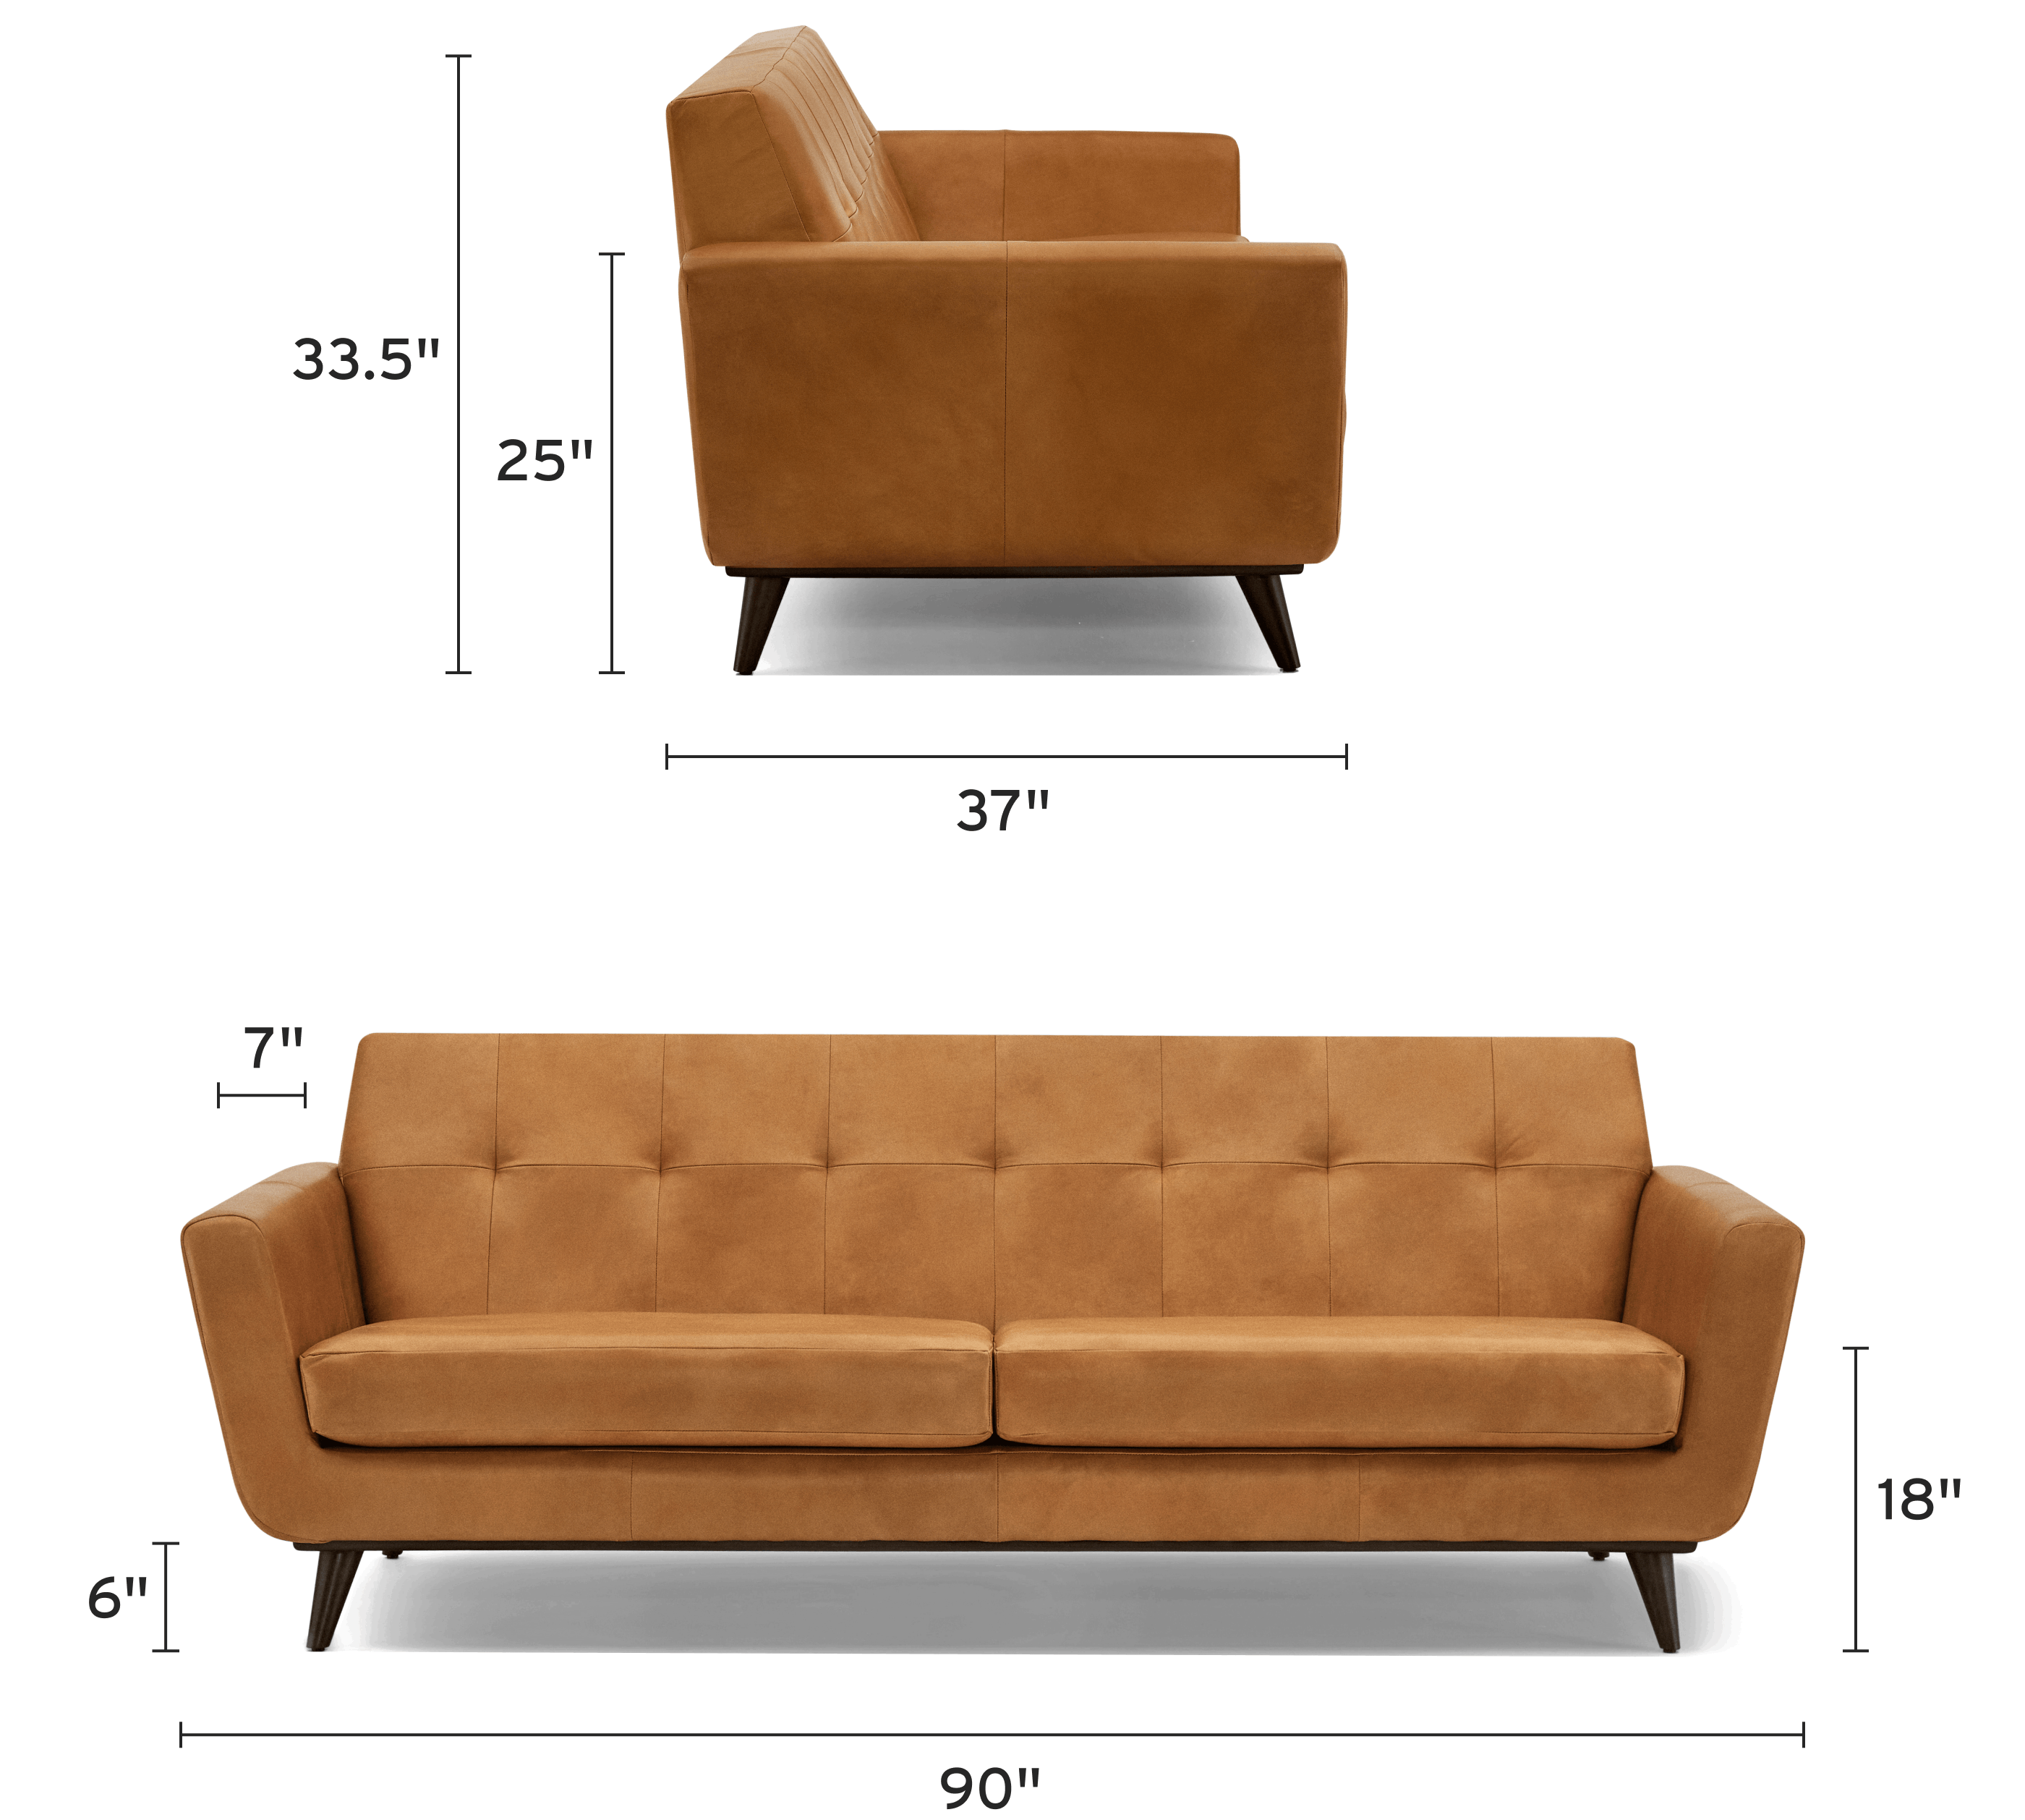 hughes leather sofa mobile dimensional image